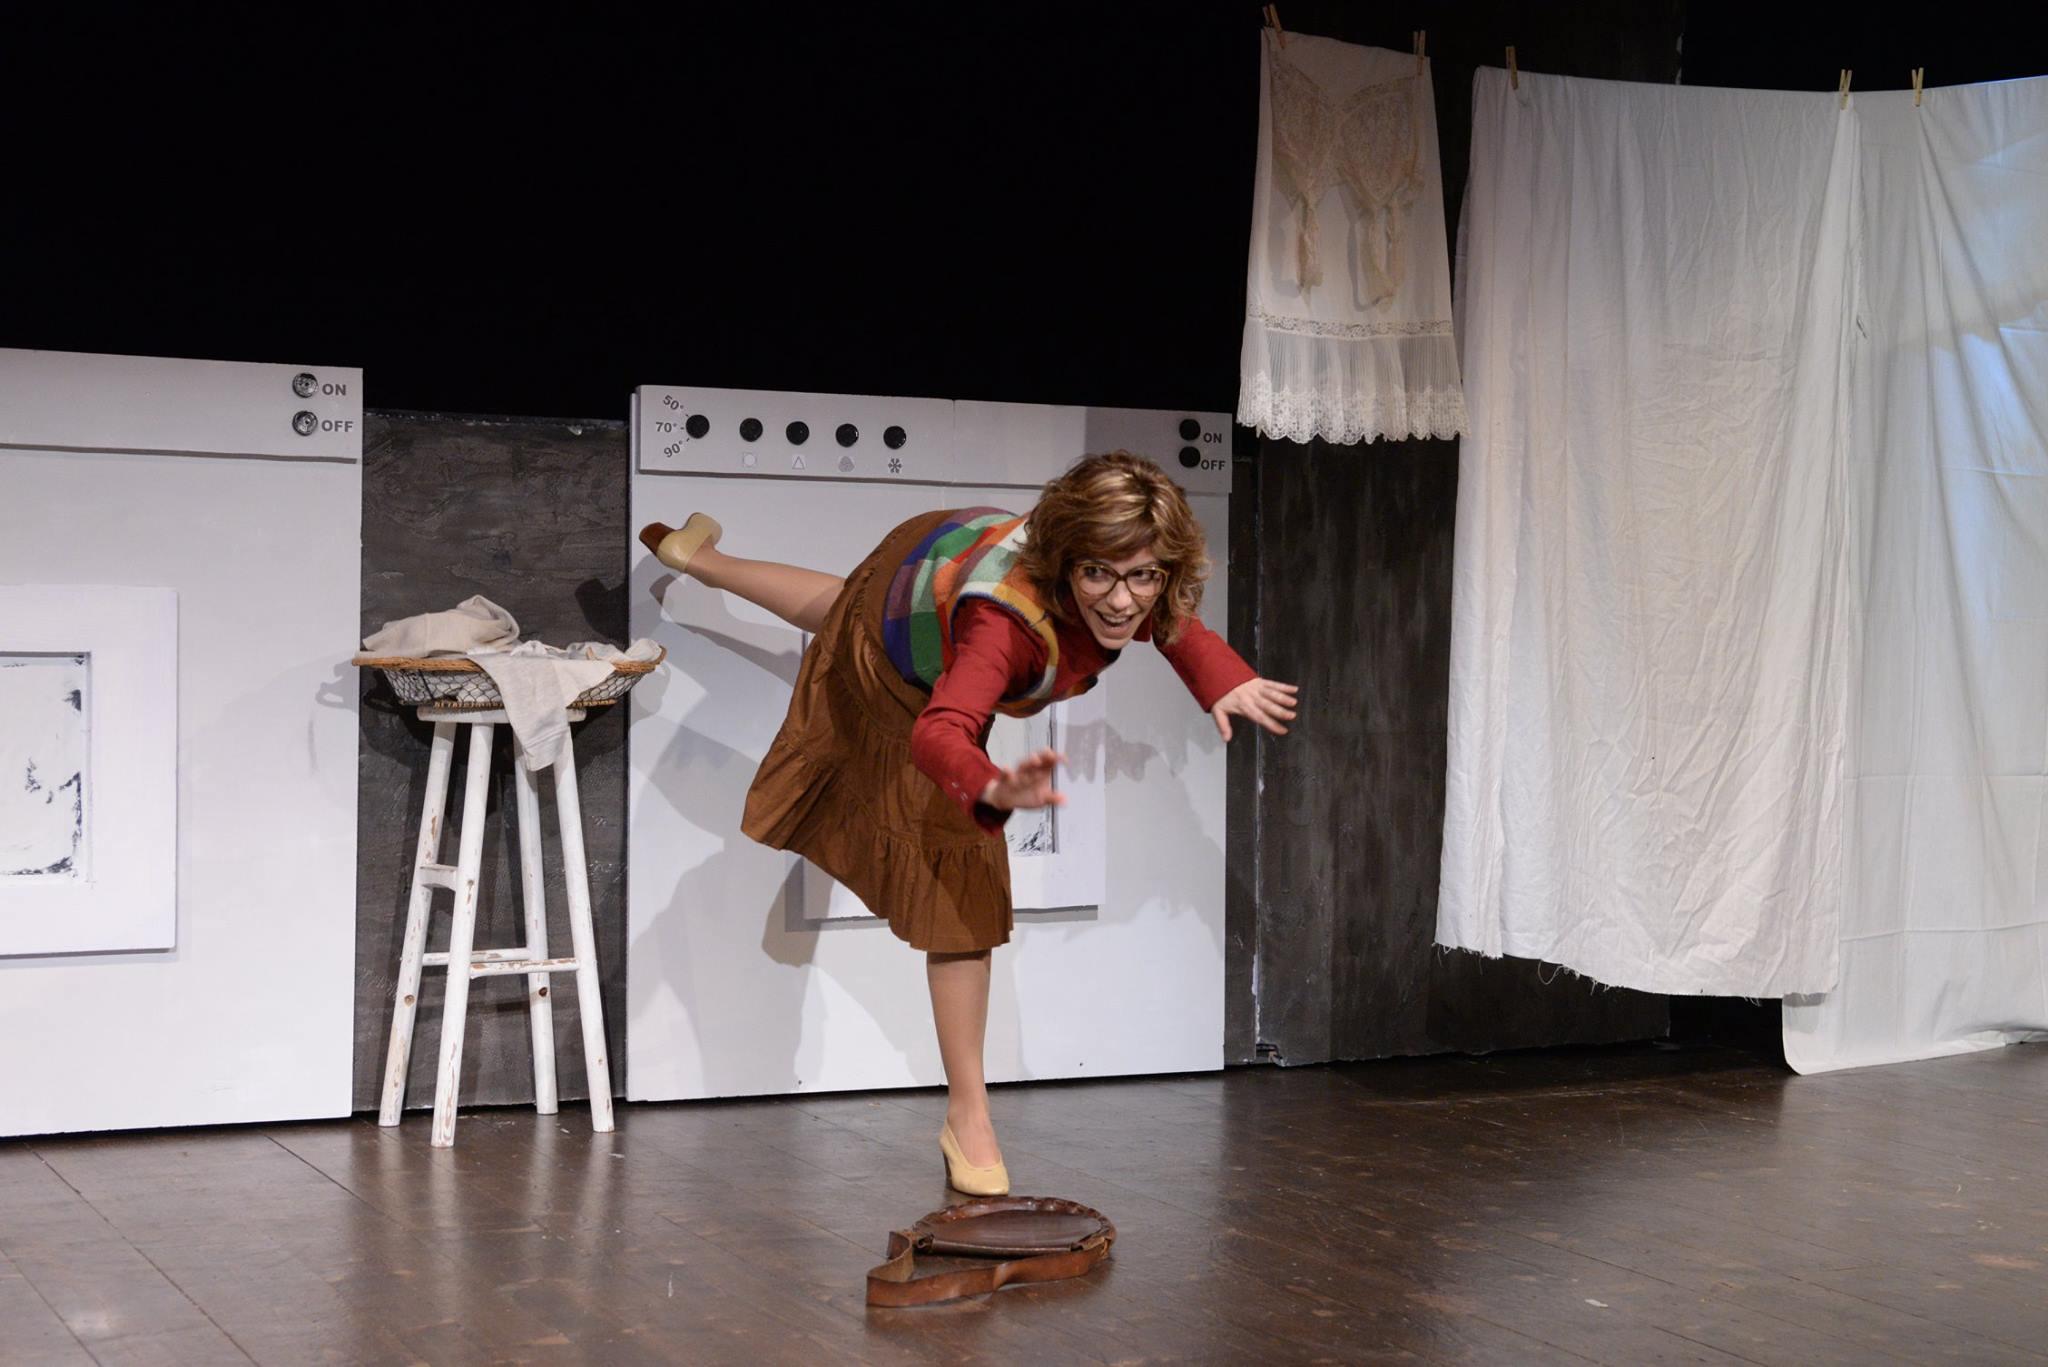 Oltre la Soglia del Pulito: spettacolo inedito, originale. Debutta a Roma, al Teatro degli Audaci.